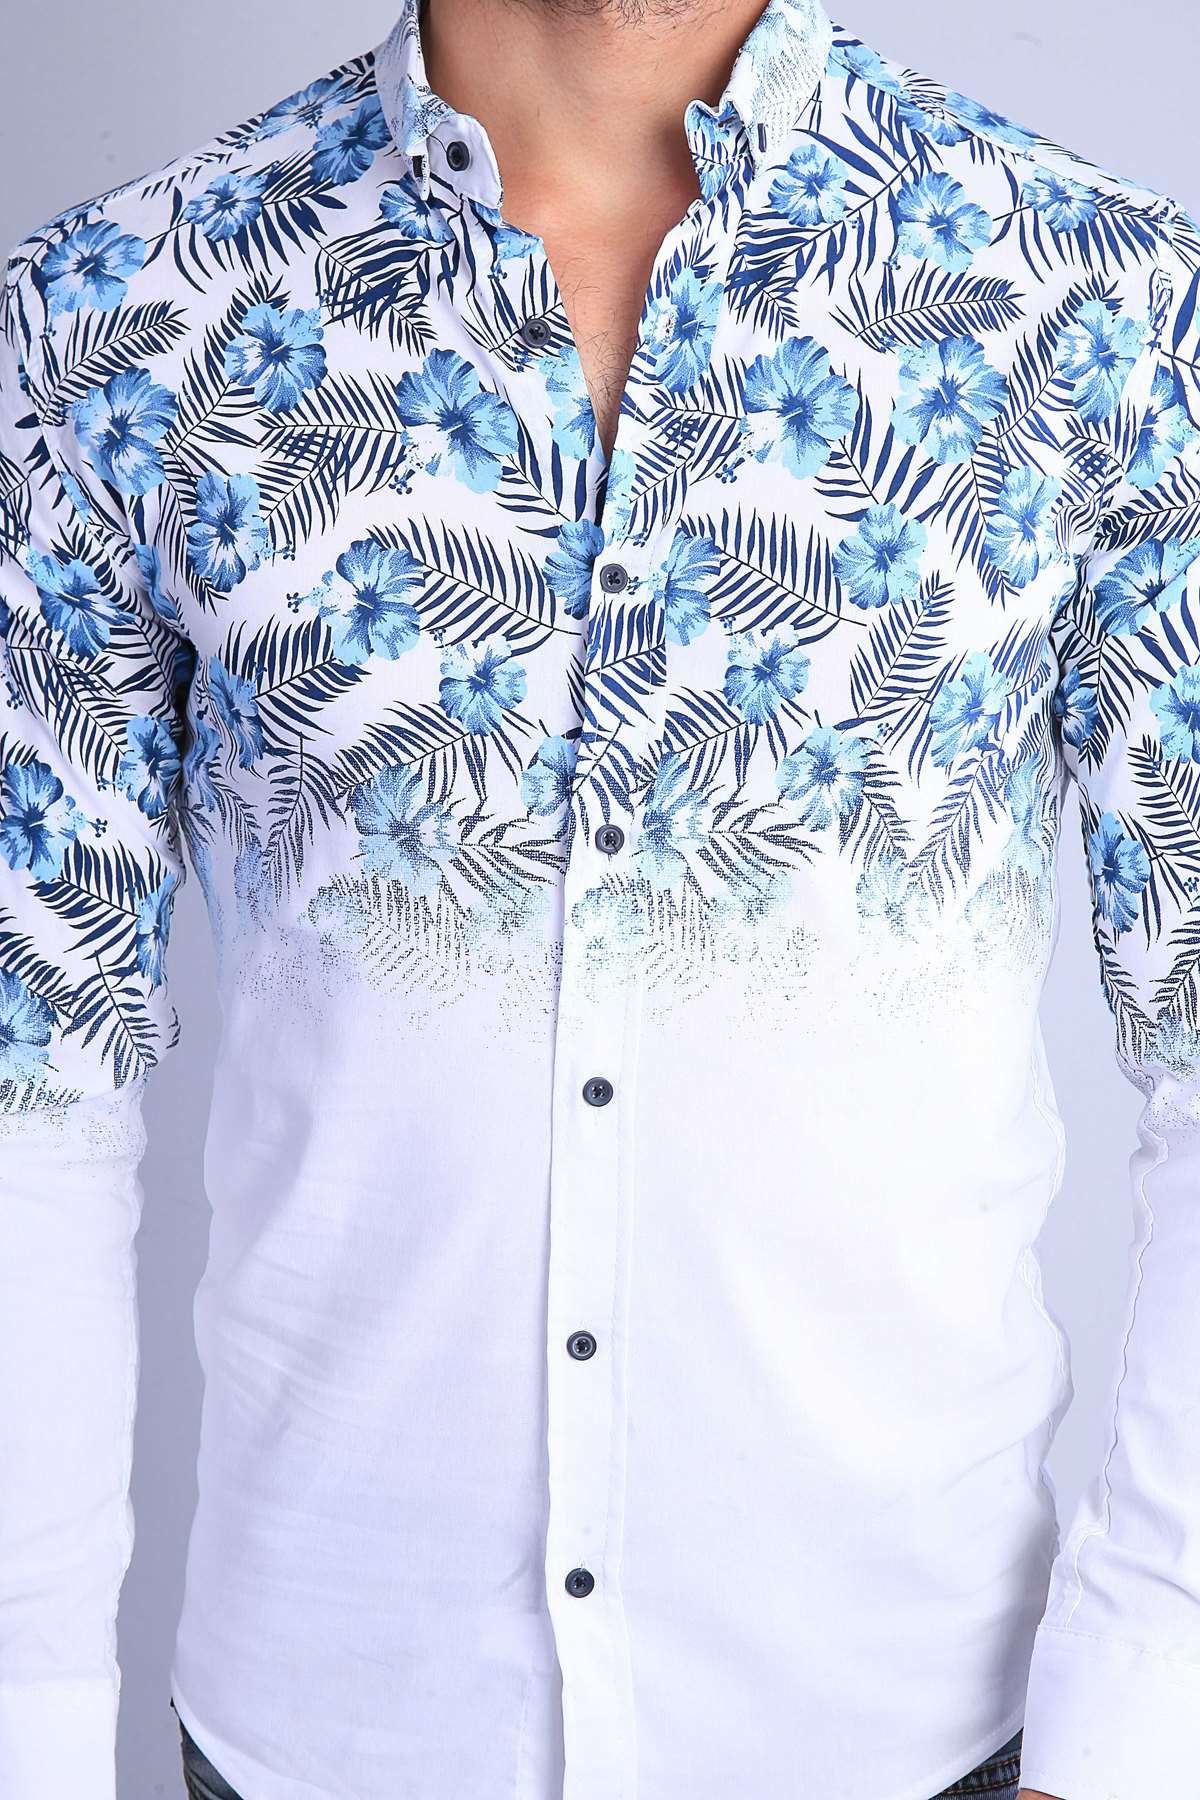 Üstü 5 Yaprak Çiçek Desenli Slim Fit Gömlek Beyaz-Mavi